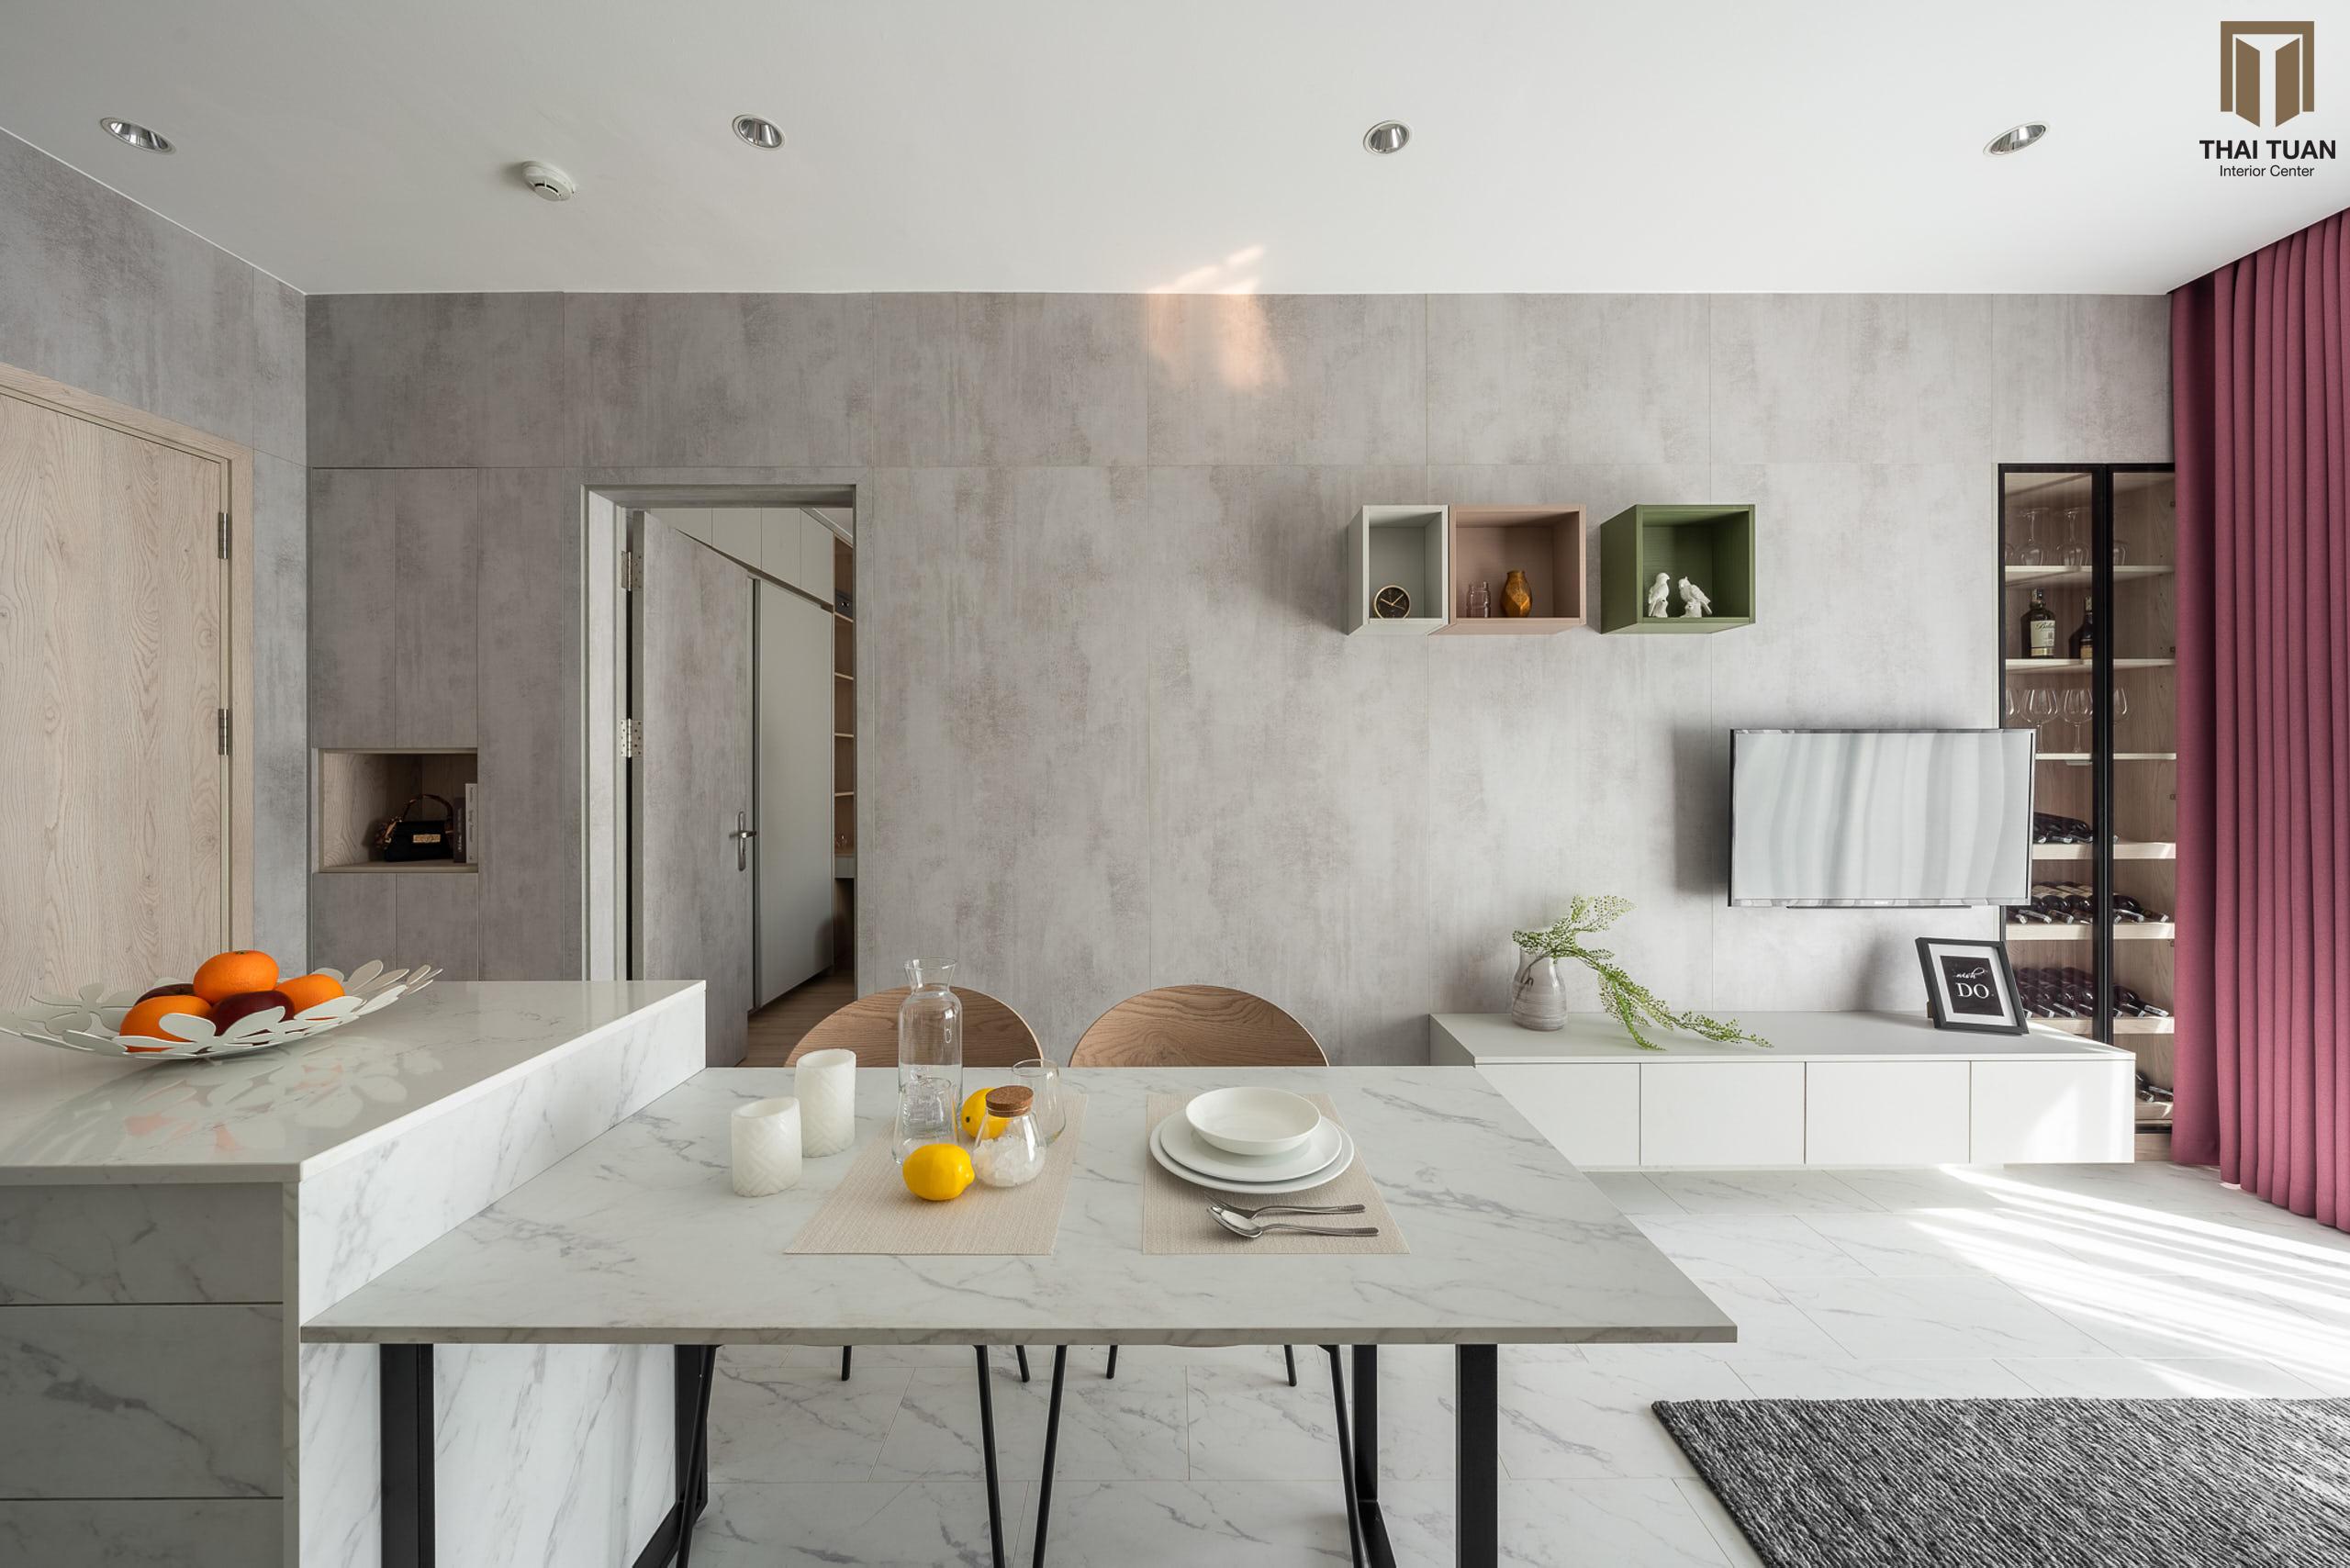 Không gian phòng ăn nhã nhặn với tone màu trung tính